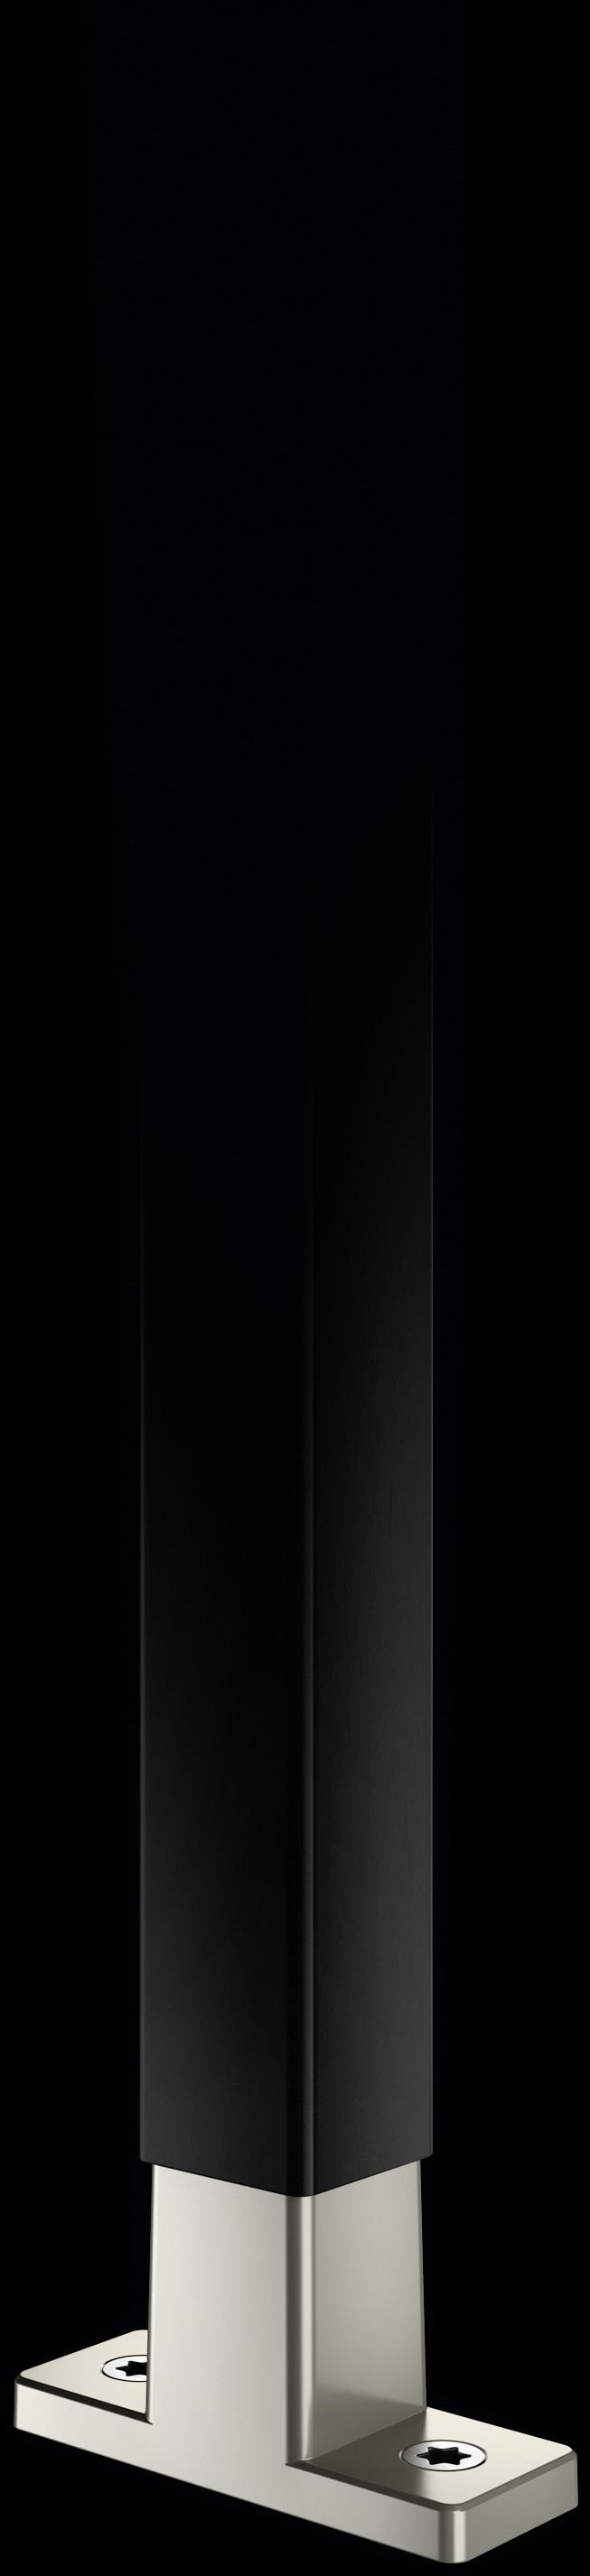 Schwarze Strebe mit T-Konnektor aus Mattnickel